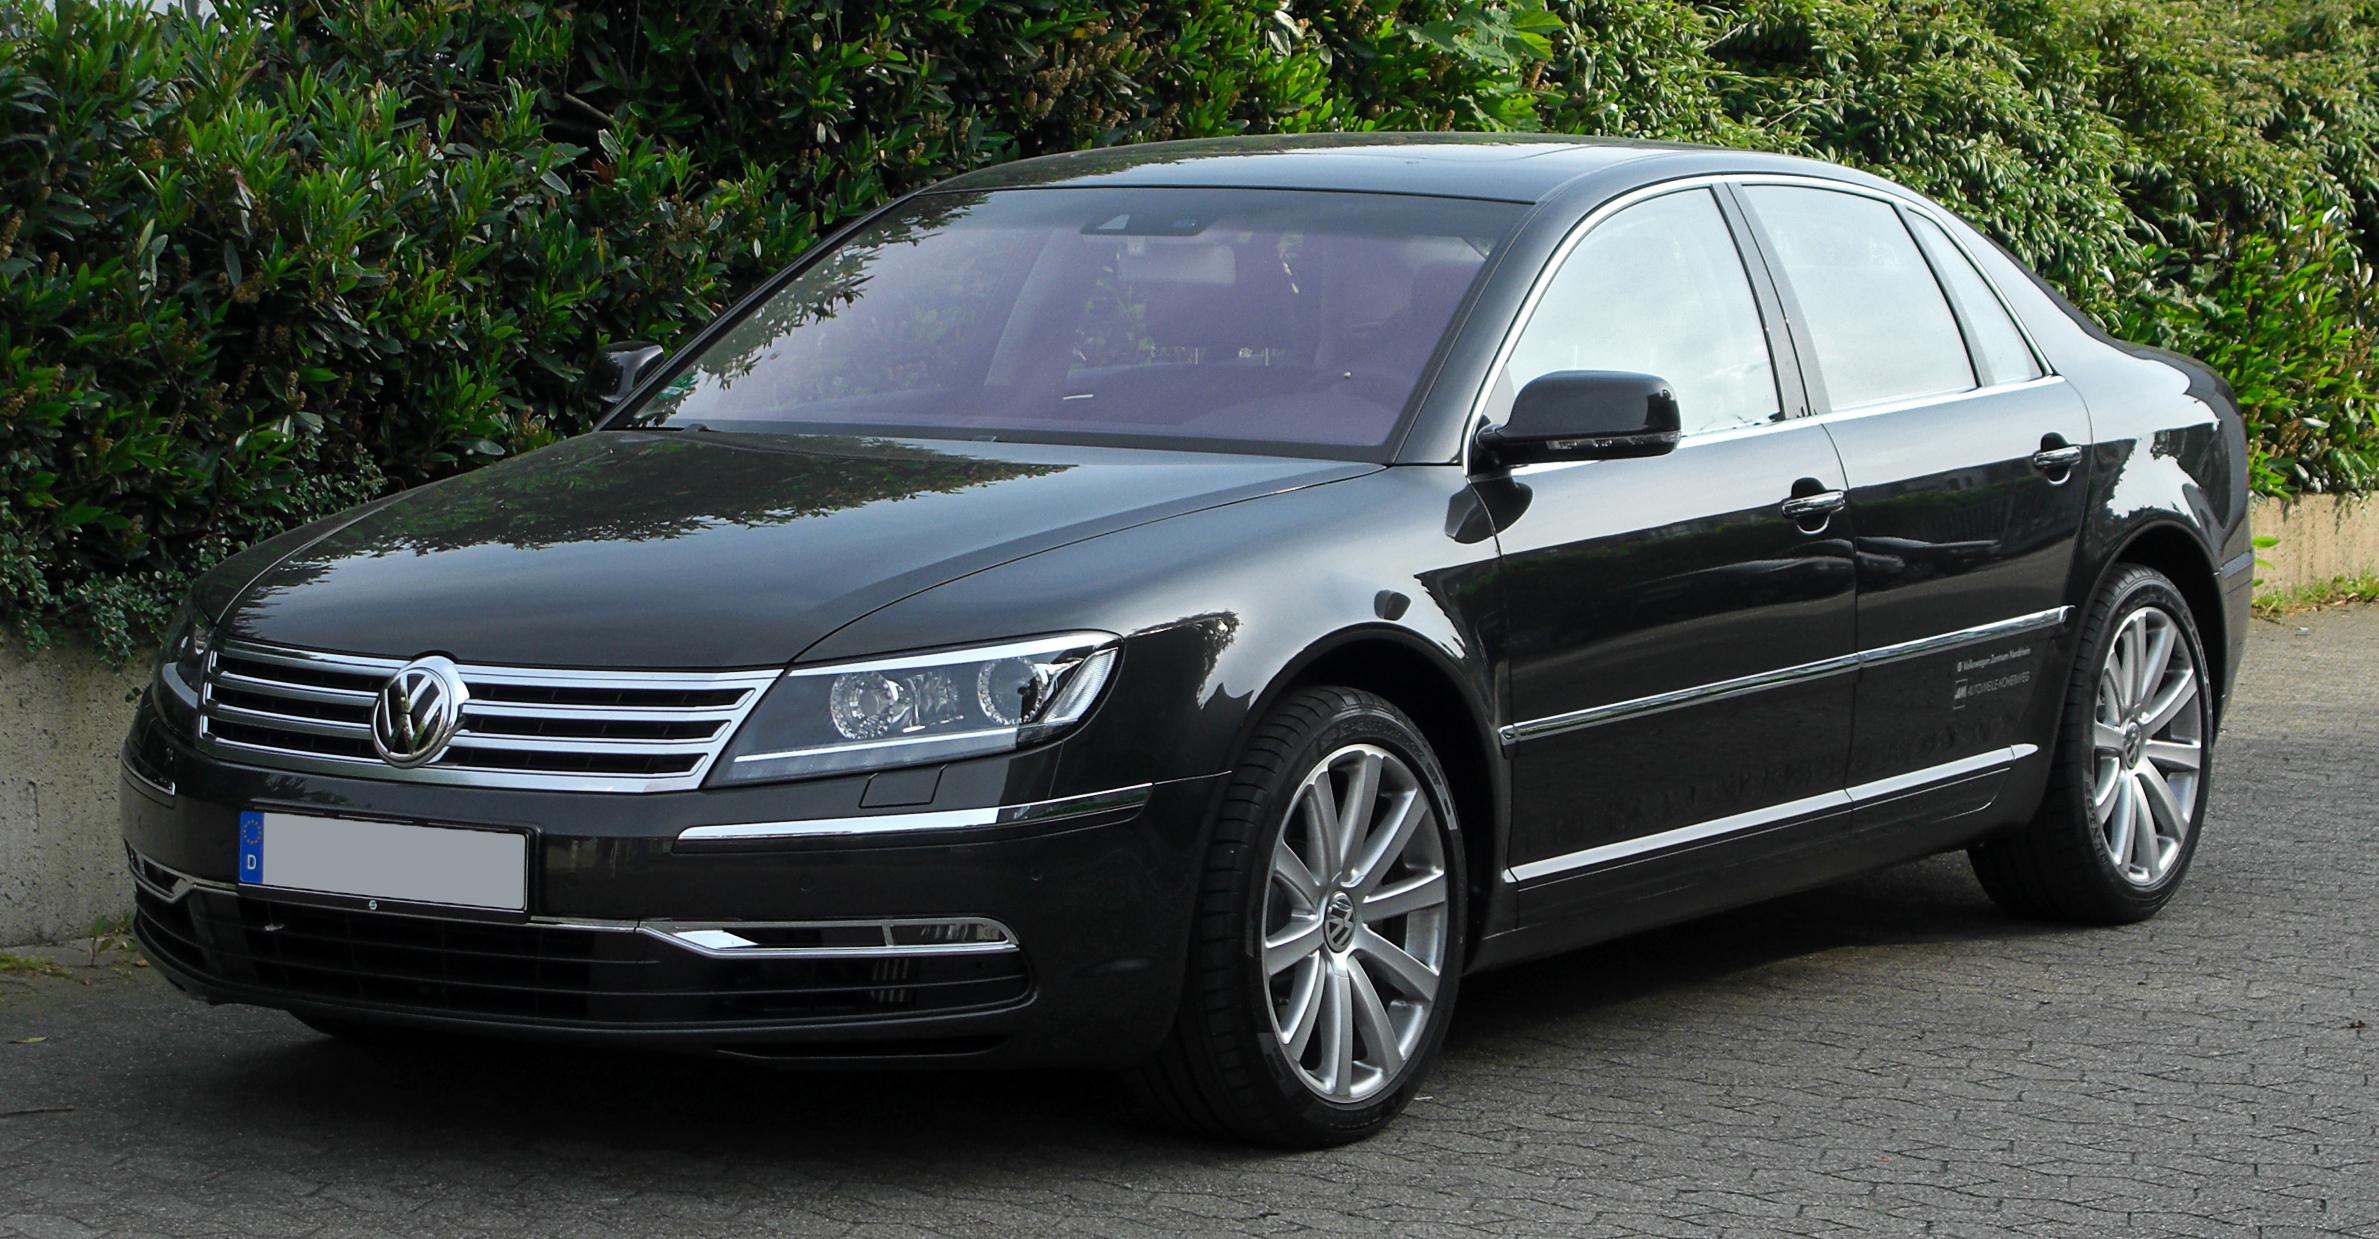 VW_Phaton_(2._Facelift)_%E2%80%93_Fronta